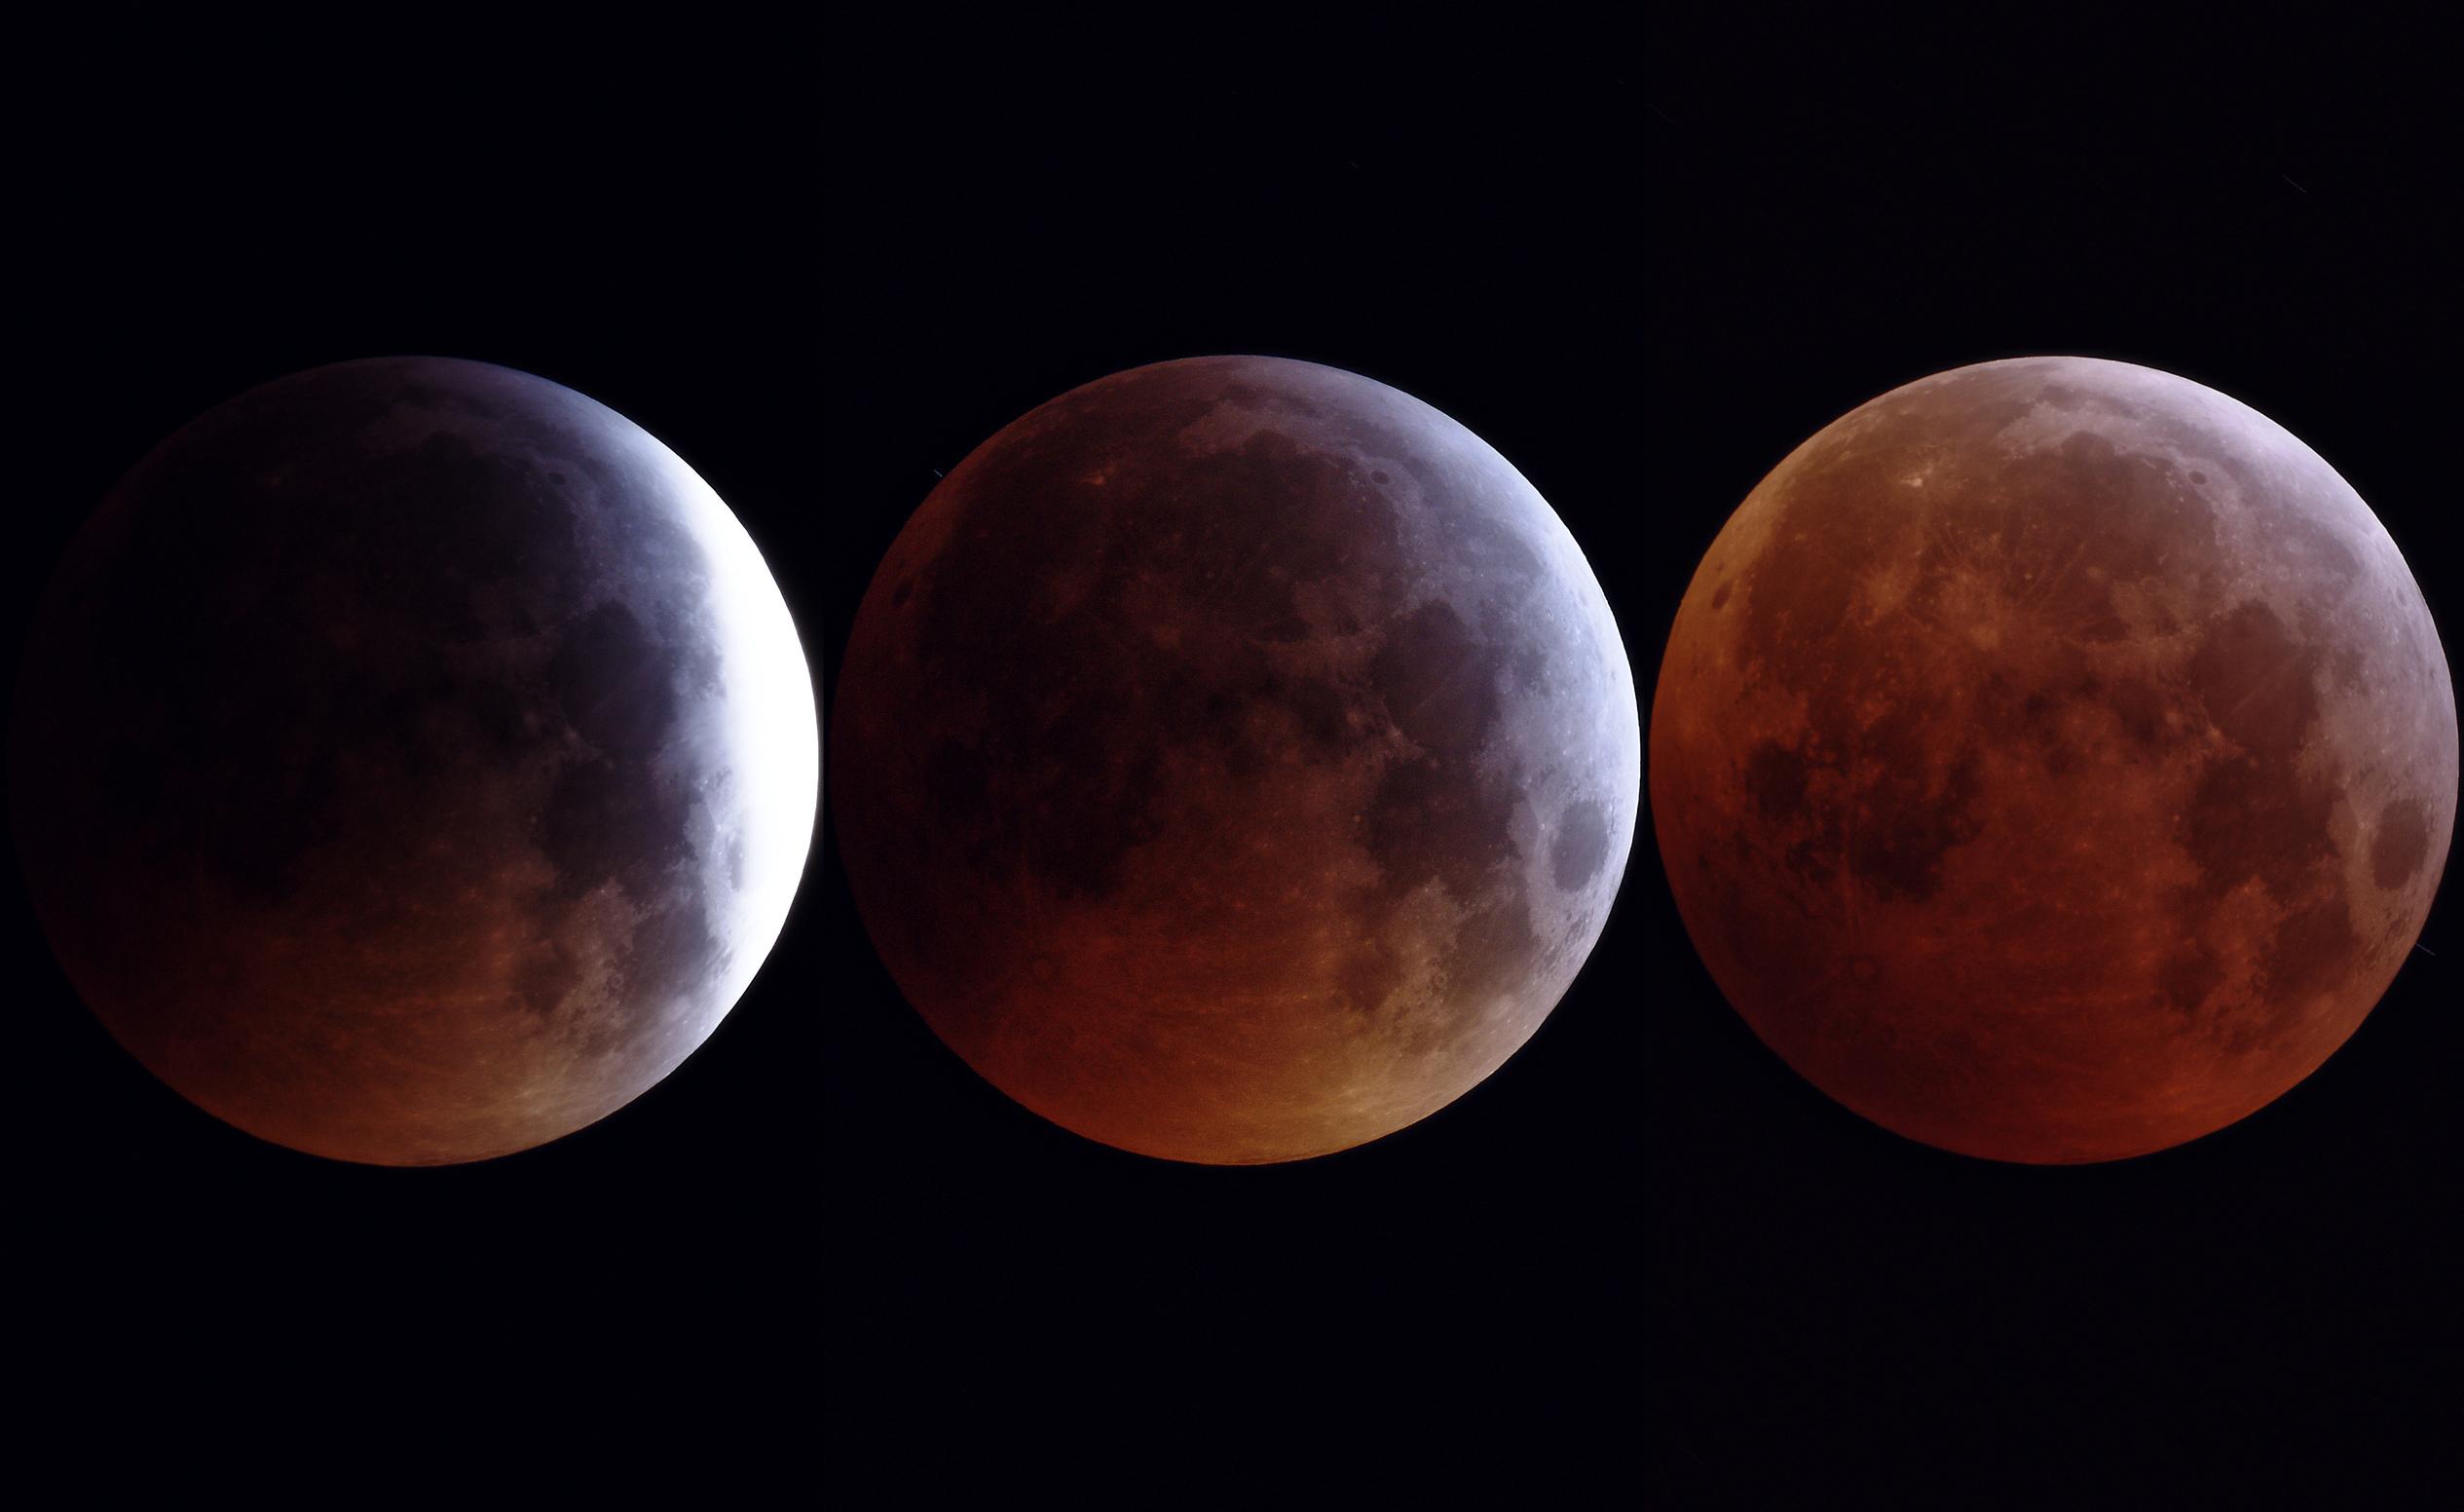 L'éclipse de lune du 21 Janvier, Lunette Takahashi de 76mm et Nikon D810 sur trépied, à 5h34, 5h45 et 6h13